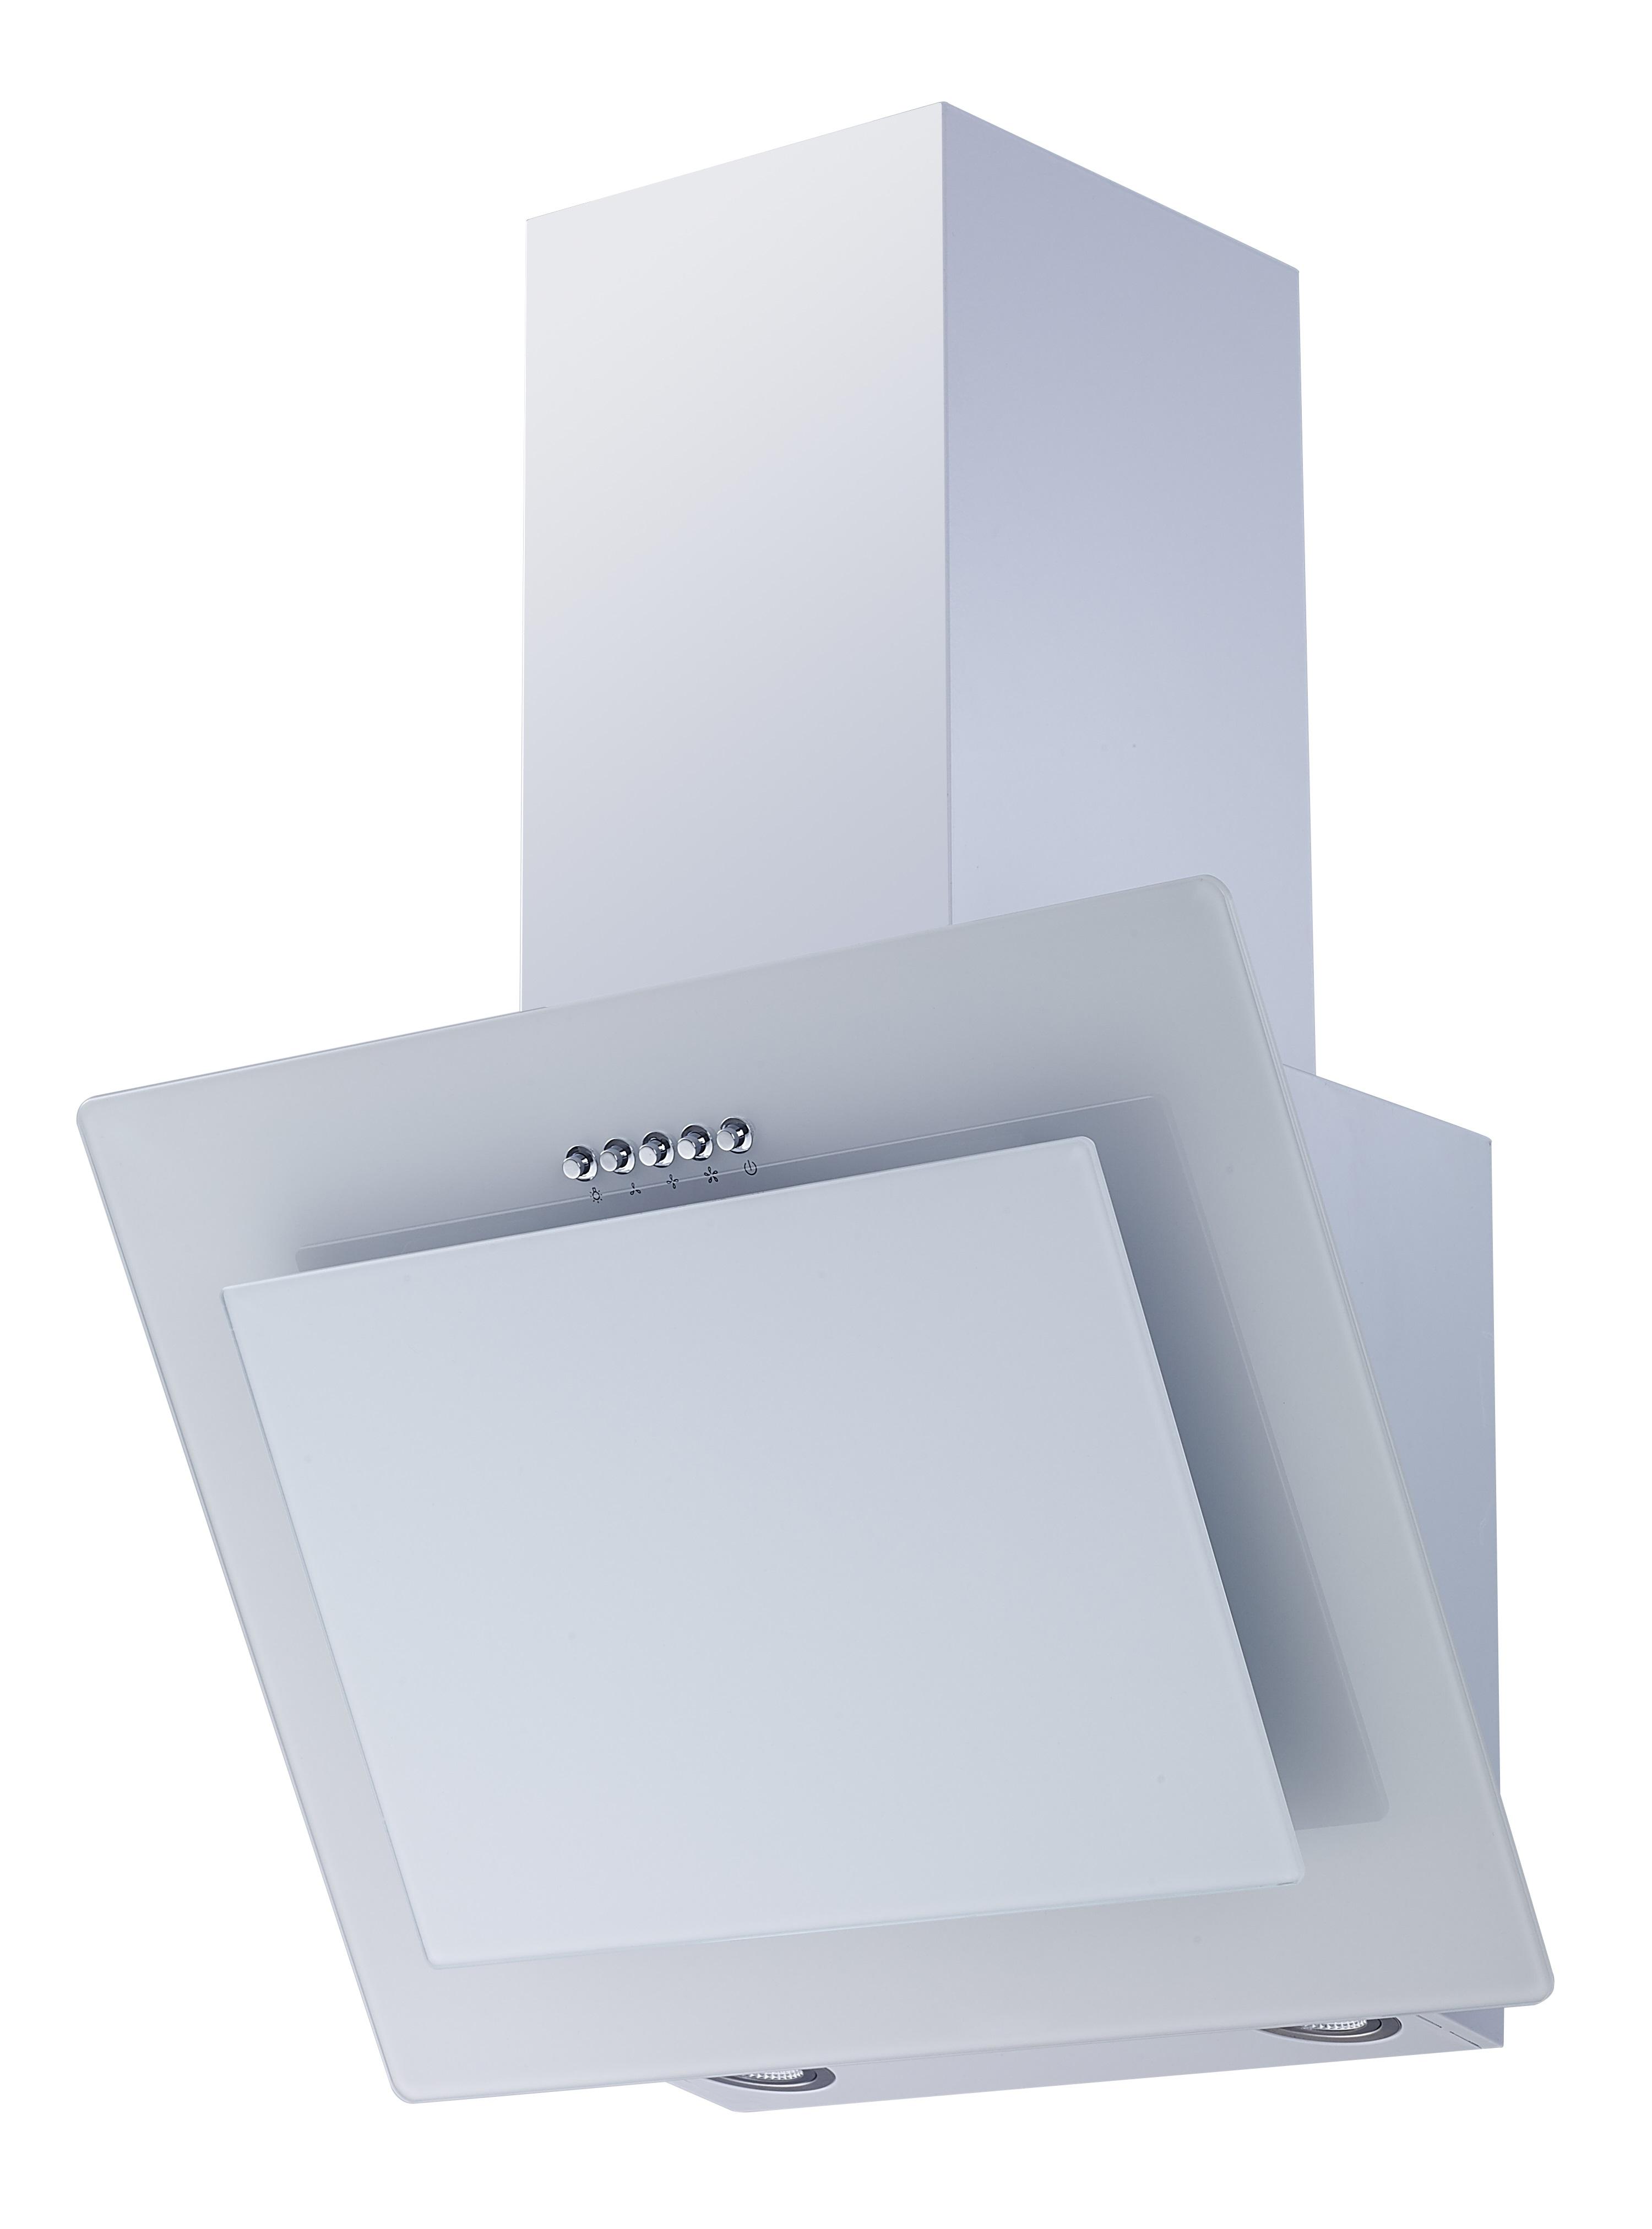 dunstabzugshaube schr ghaube wandhaube kopffrei glas 60 cm wei led respekta ebay. Black Bedroom Furniture Sets. Home Design Ideas